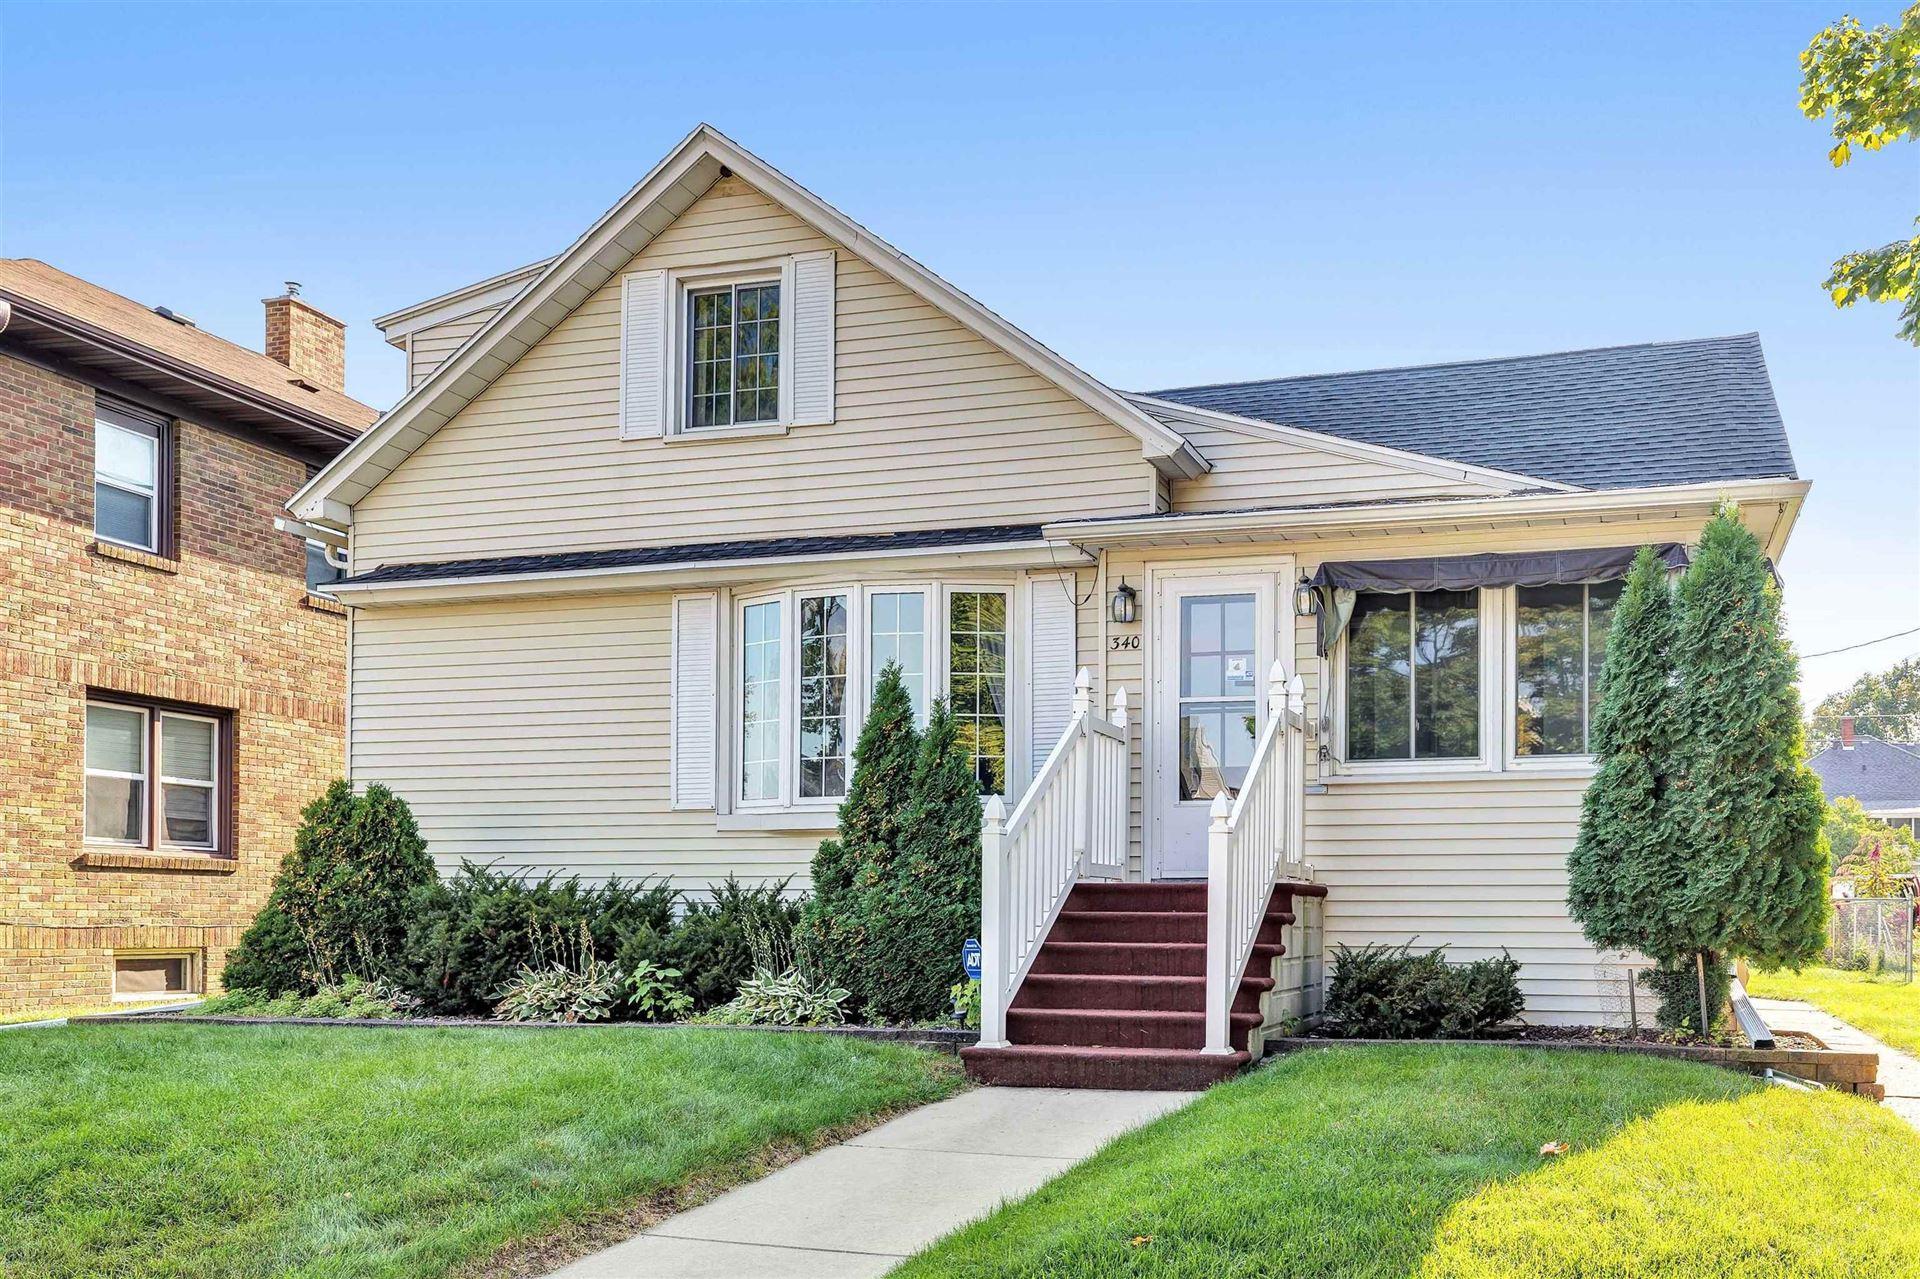 340 N ASHLAND Avenue, Green Bay, WI 54303 - MLS#: 50248975